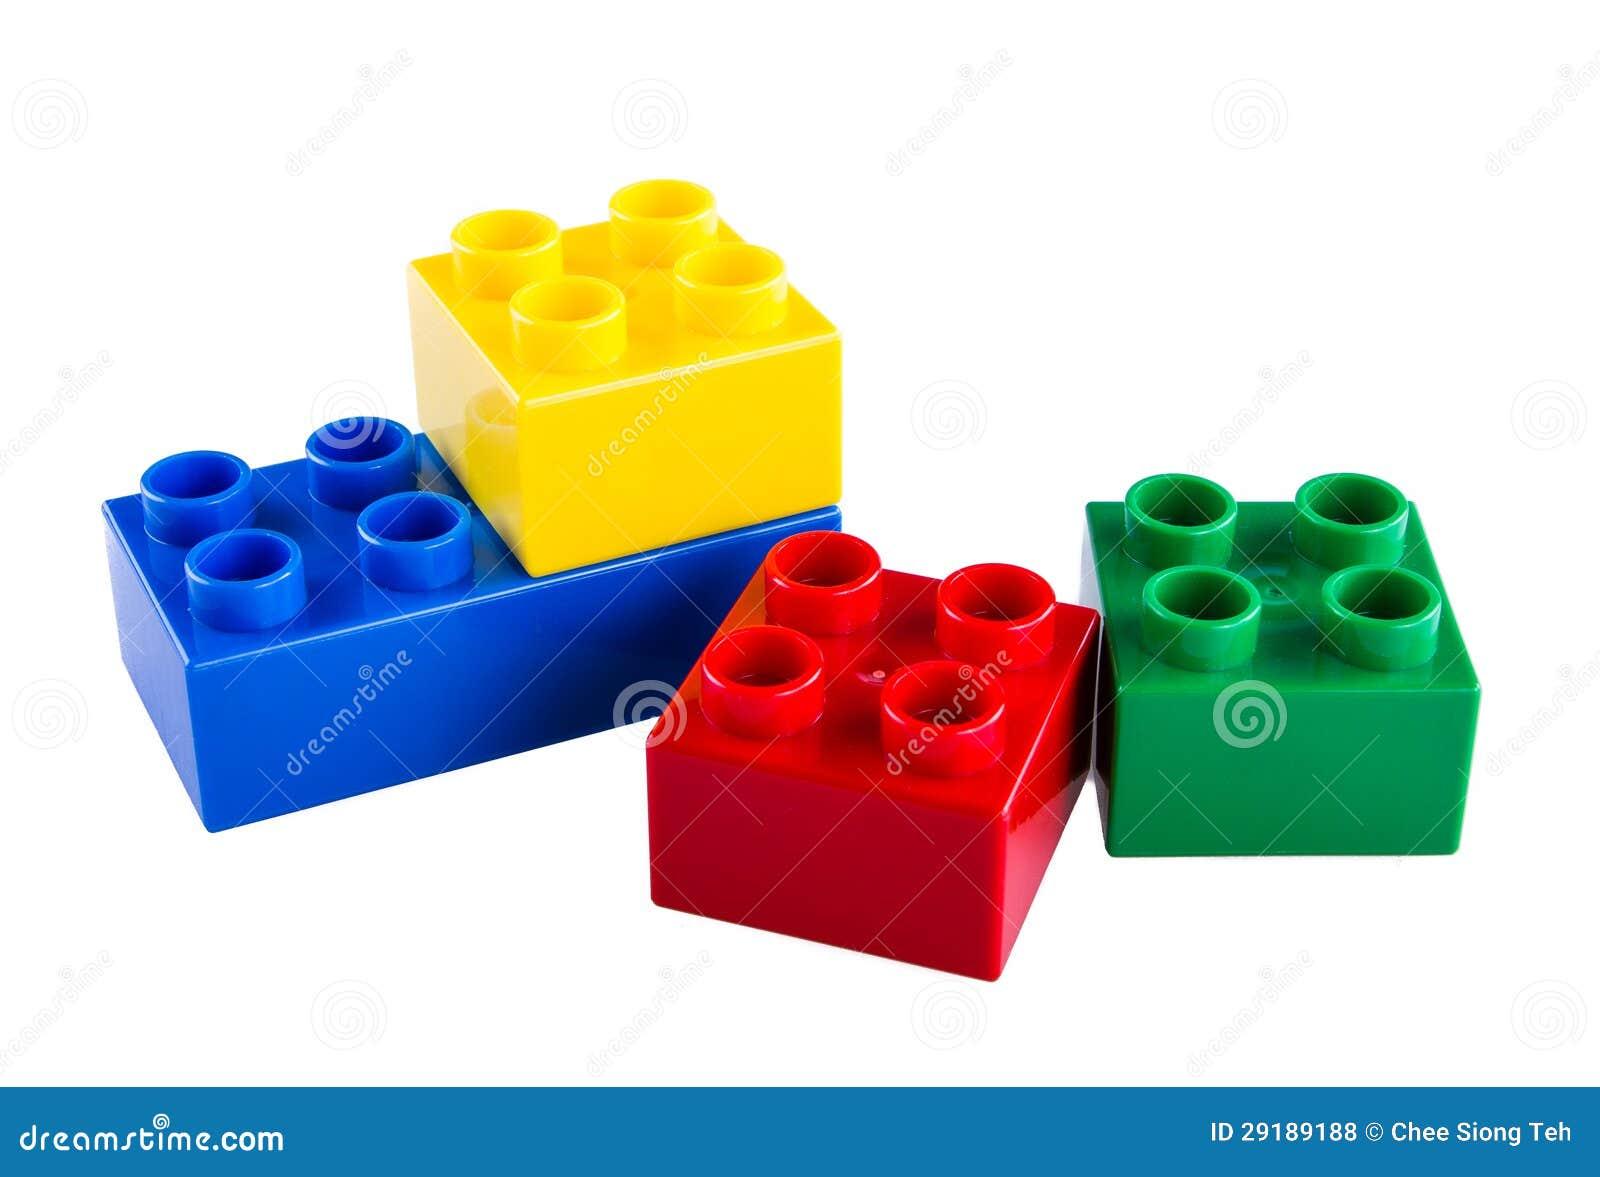 lego bausteine stockfoto. bild von metapher, spielzeug - 29189188